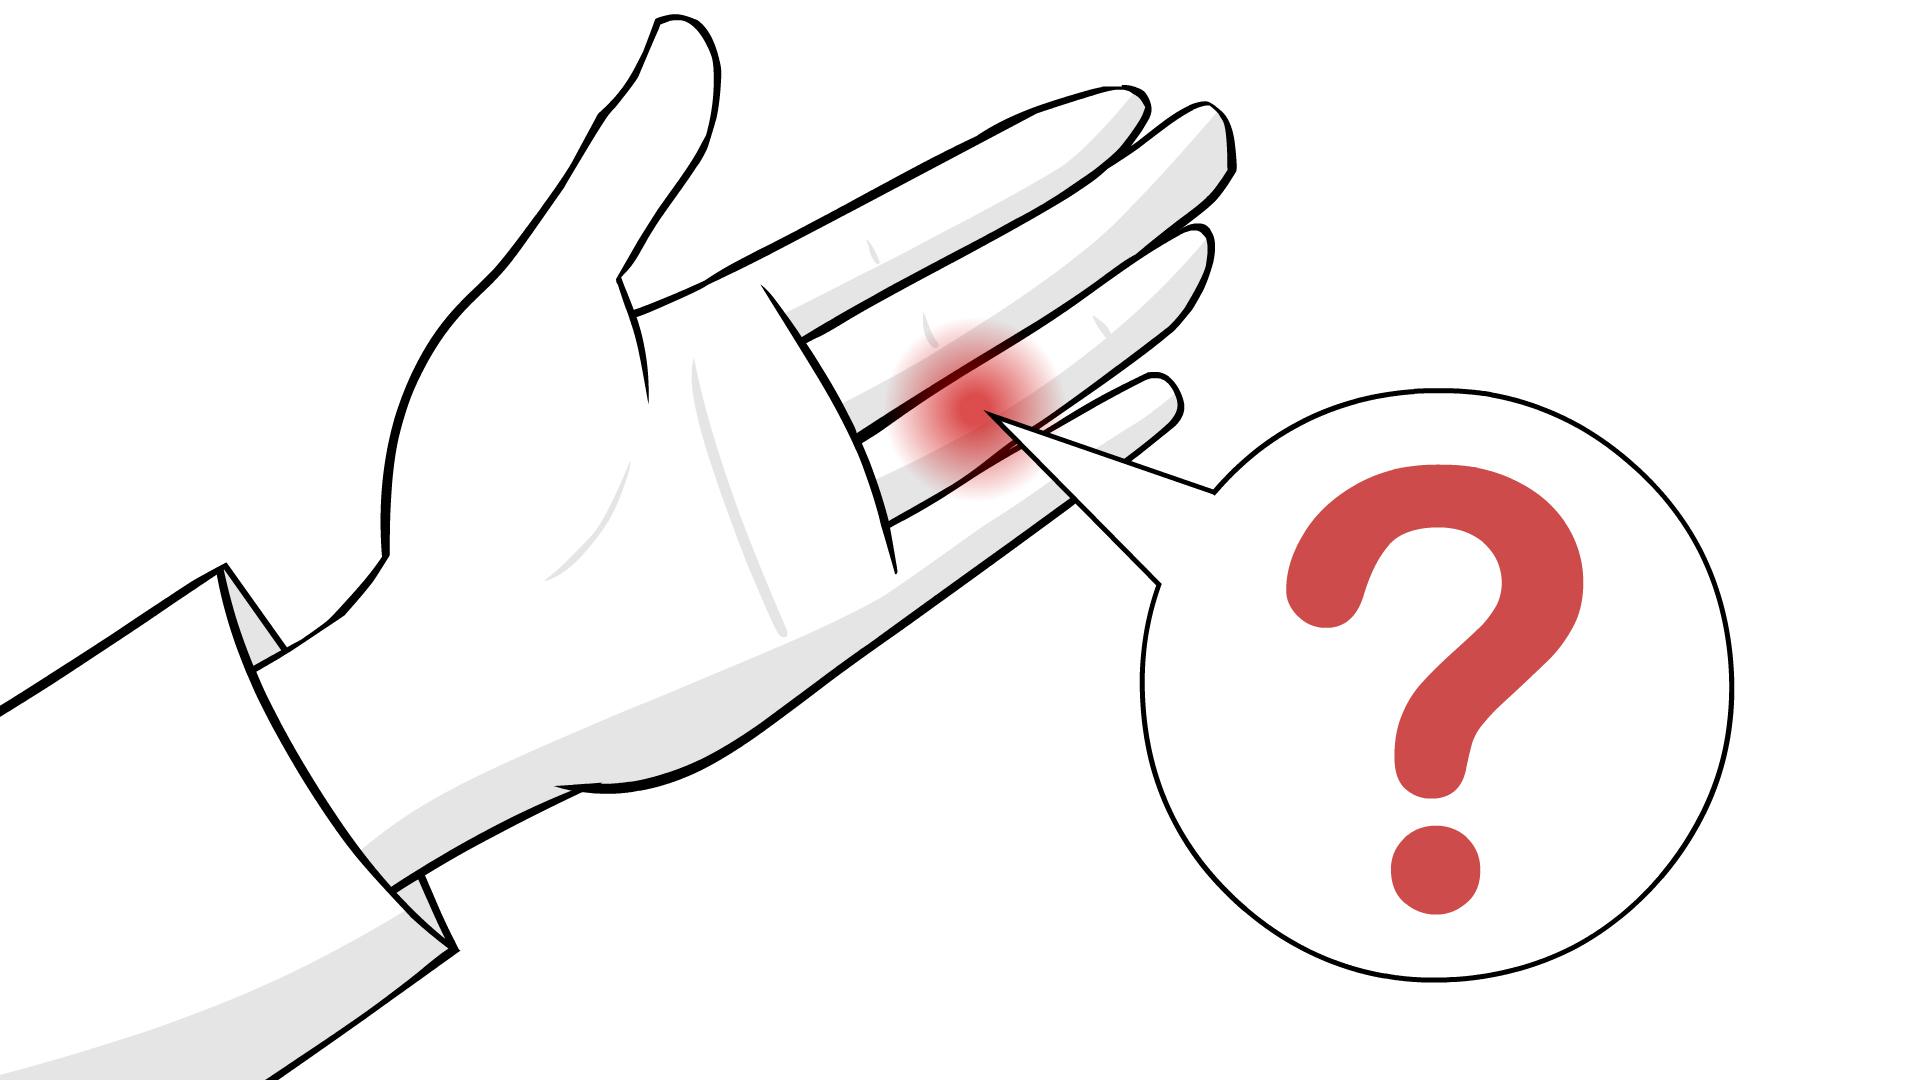 Bệnh bong gân ngón tay: Triệu chứng và cách điều trị-1